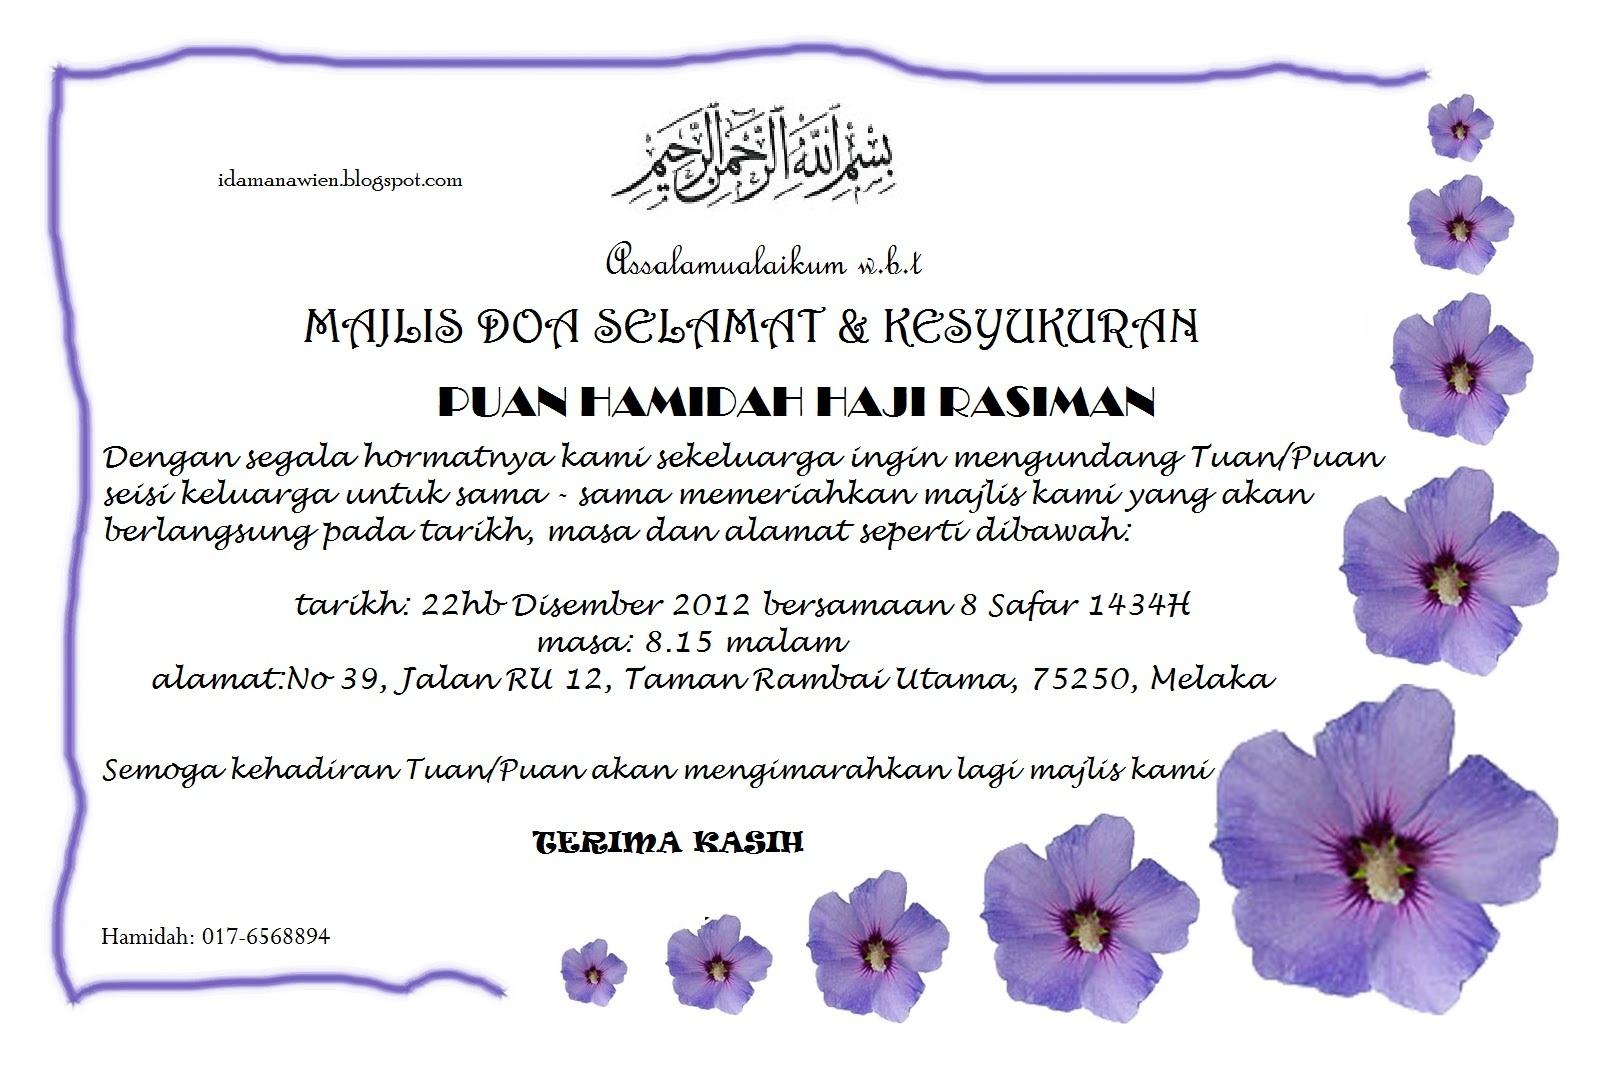 Kad Undangan Majlis Perkahwinan Related Keywords - Kad Undangan Majlis ...